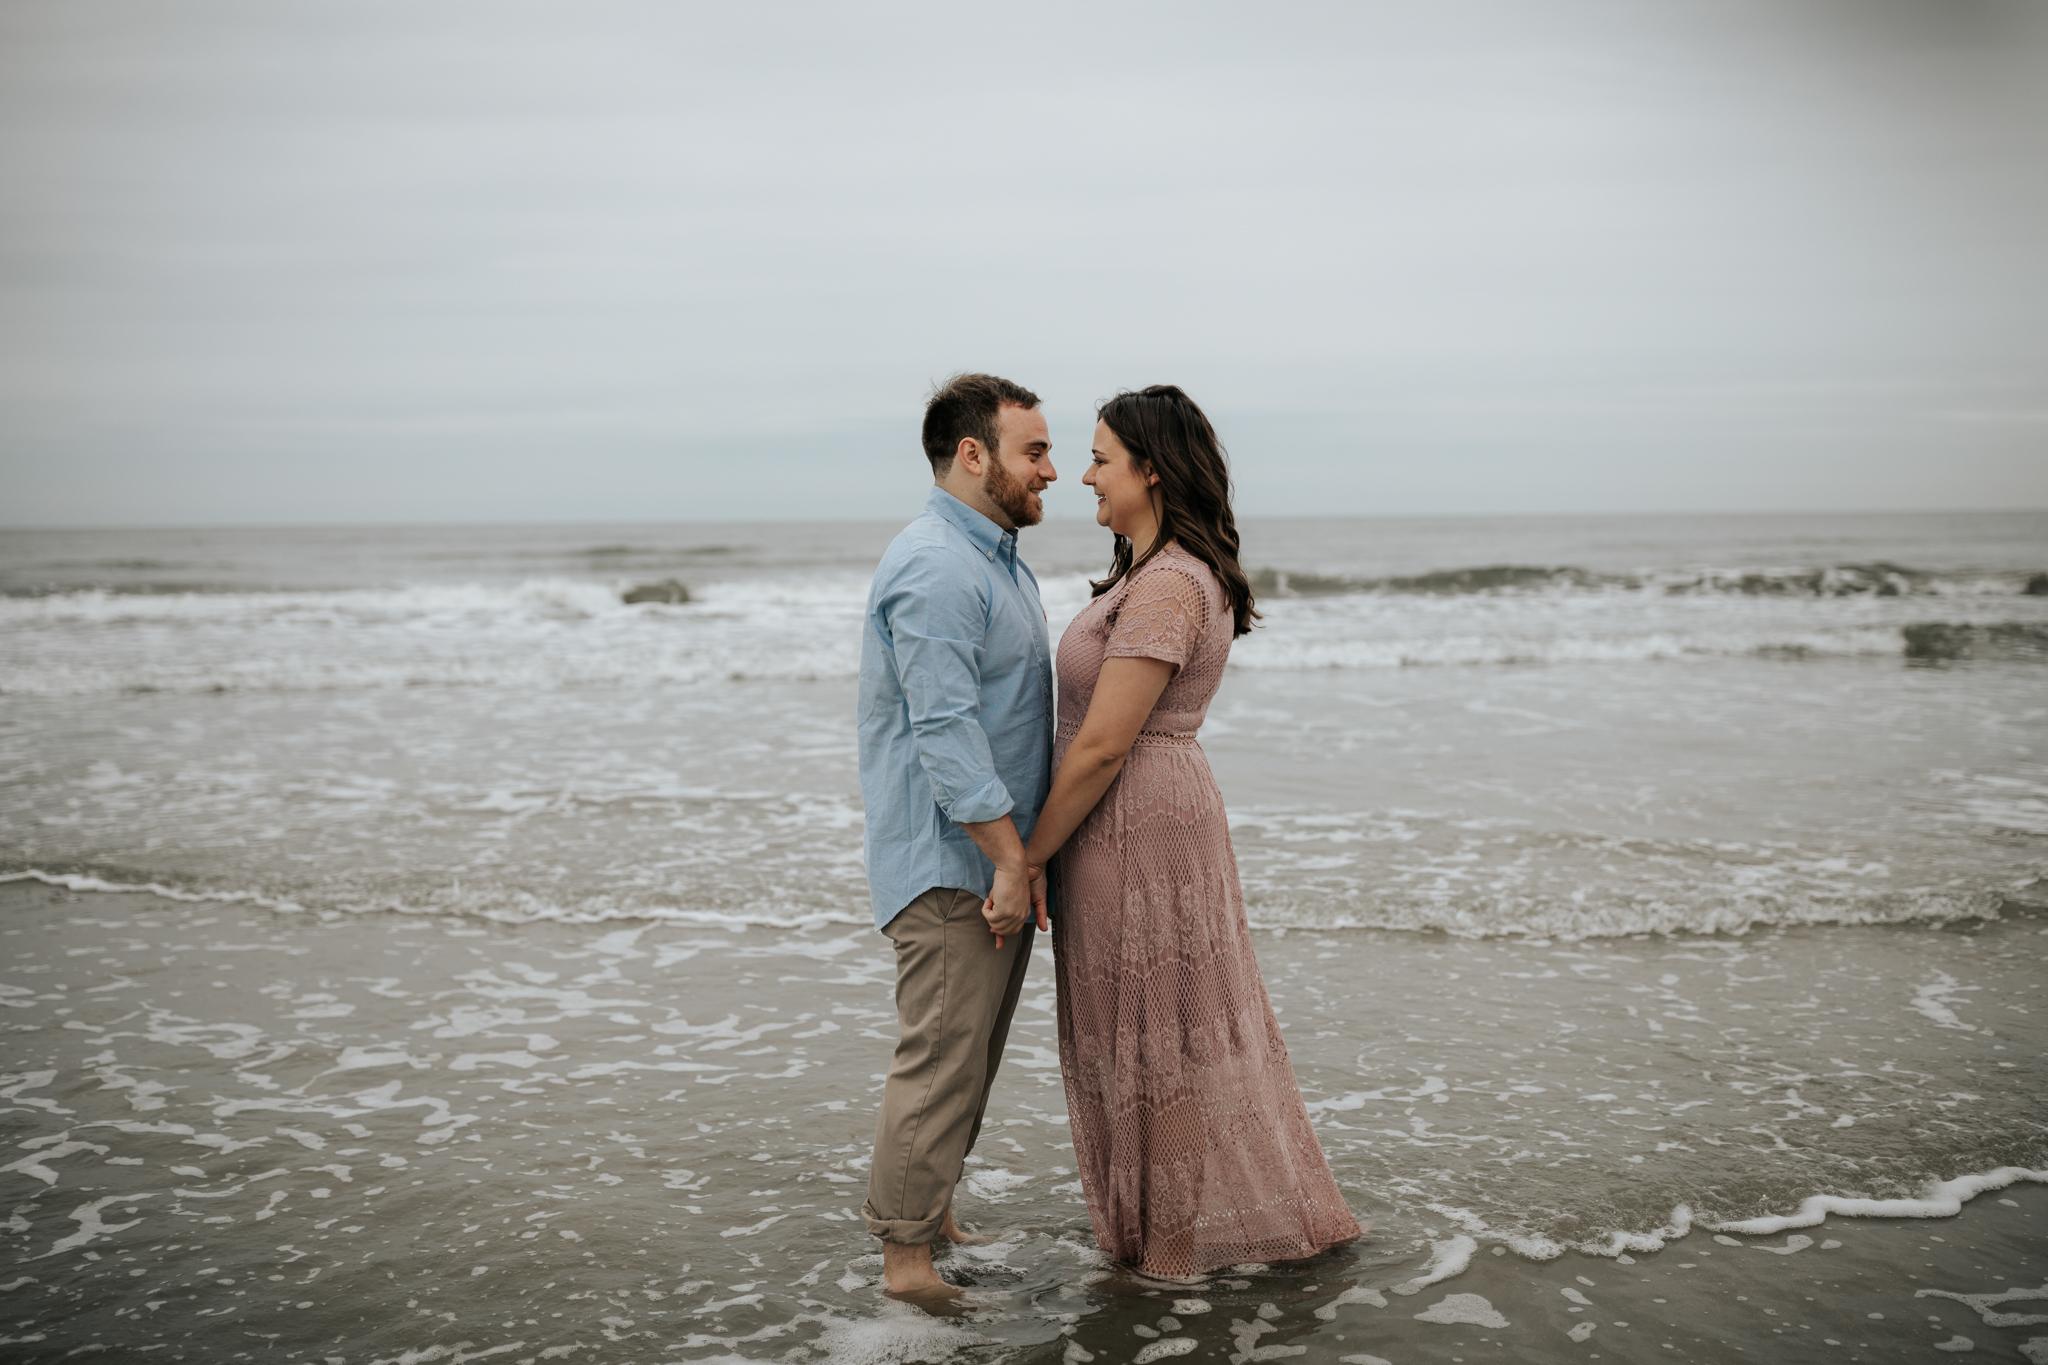 Leah Nicole Photography - Houston Wedding Photographer-Galveston Engagement Session- Houston Wedding Photographer -Kristen Giles Photography-13.jpg